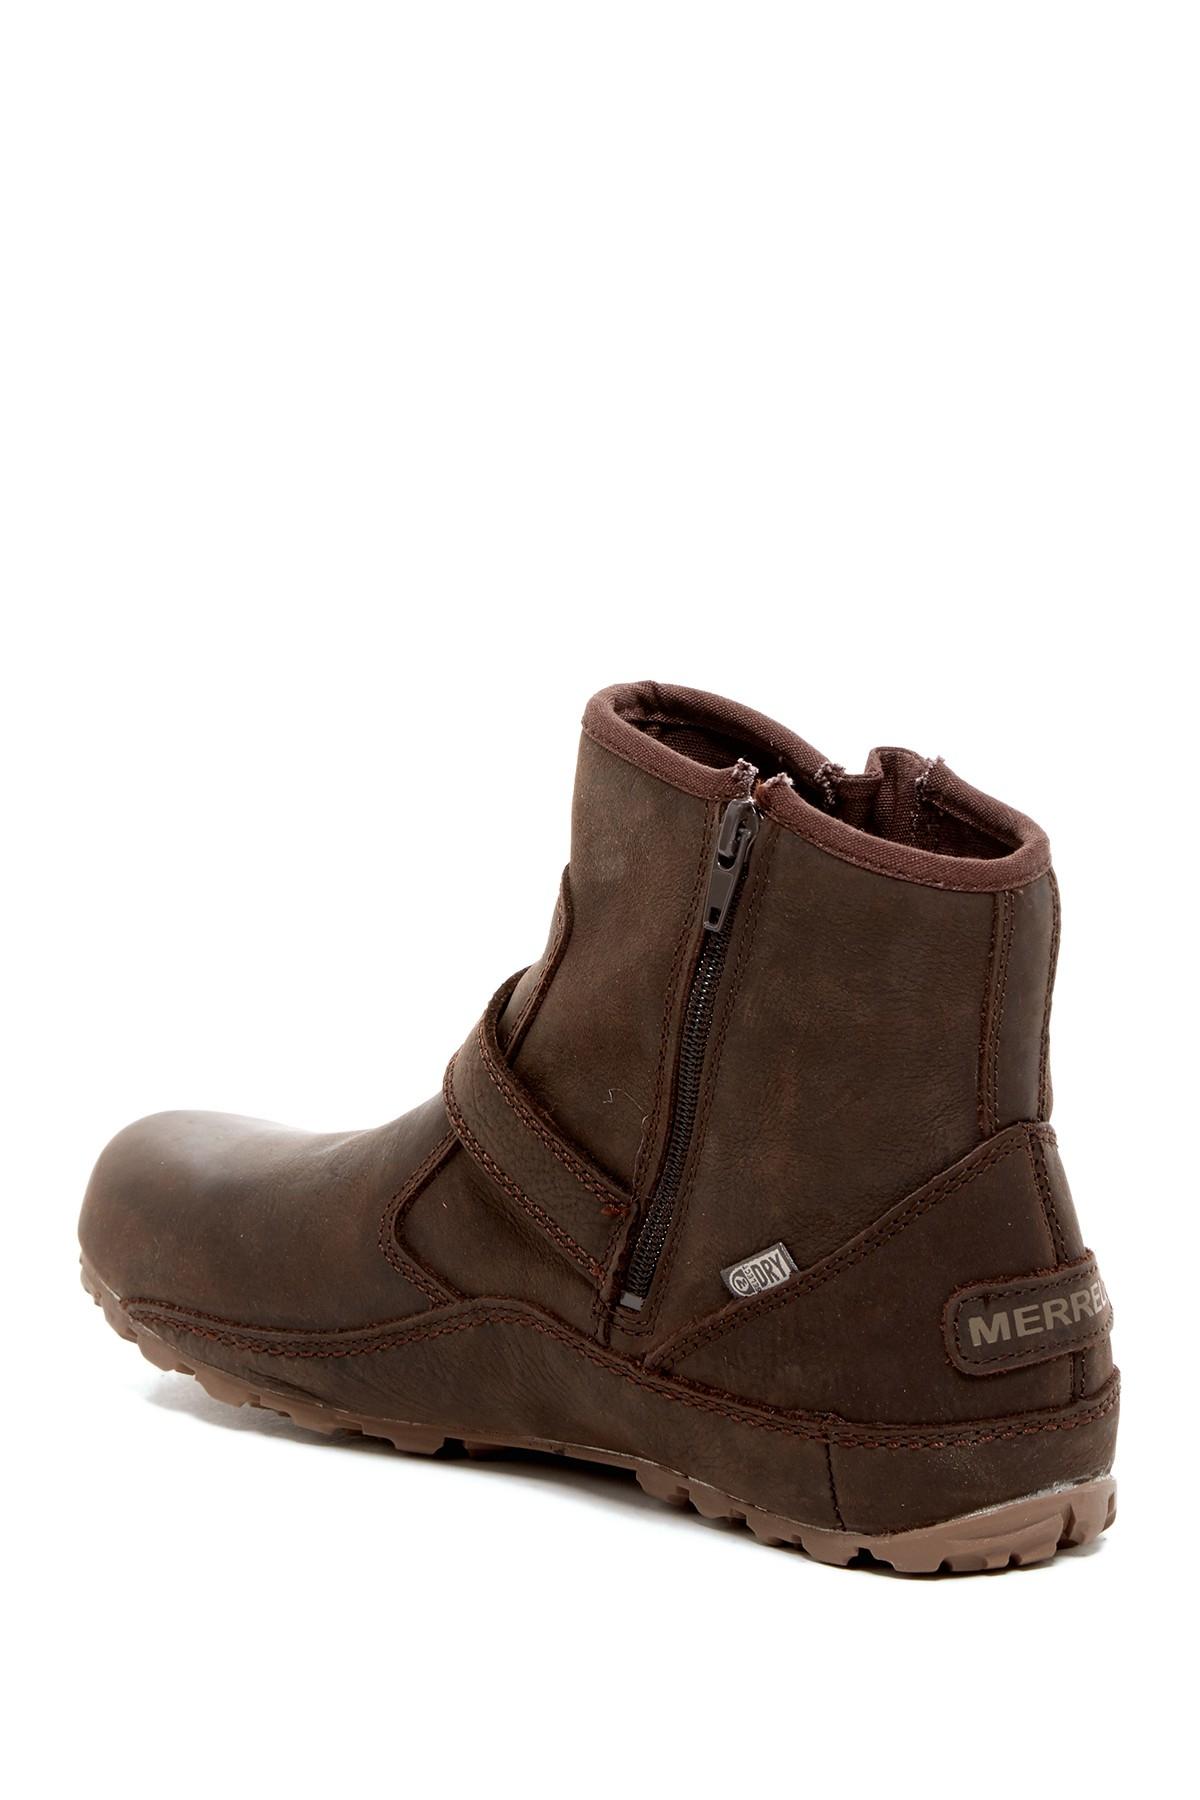 merrell duo waterproof boot in brown lyst